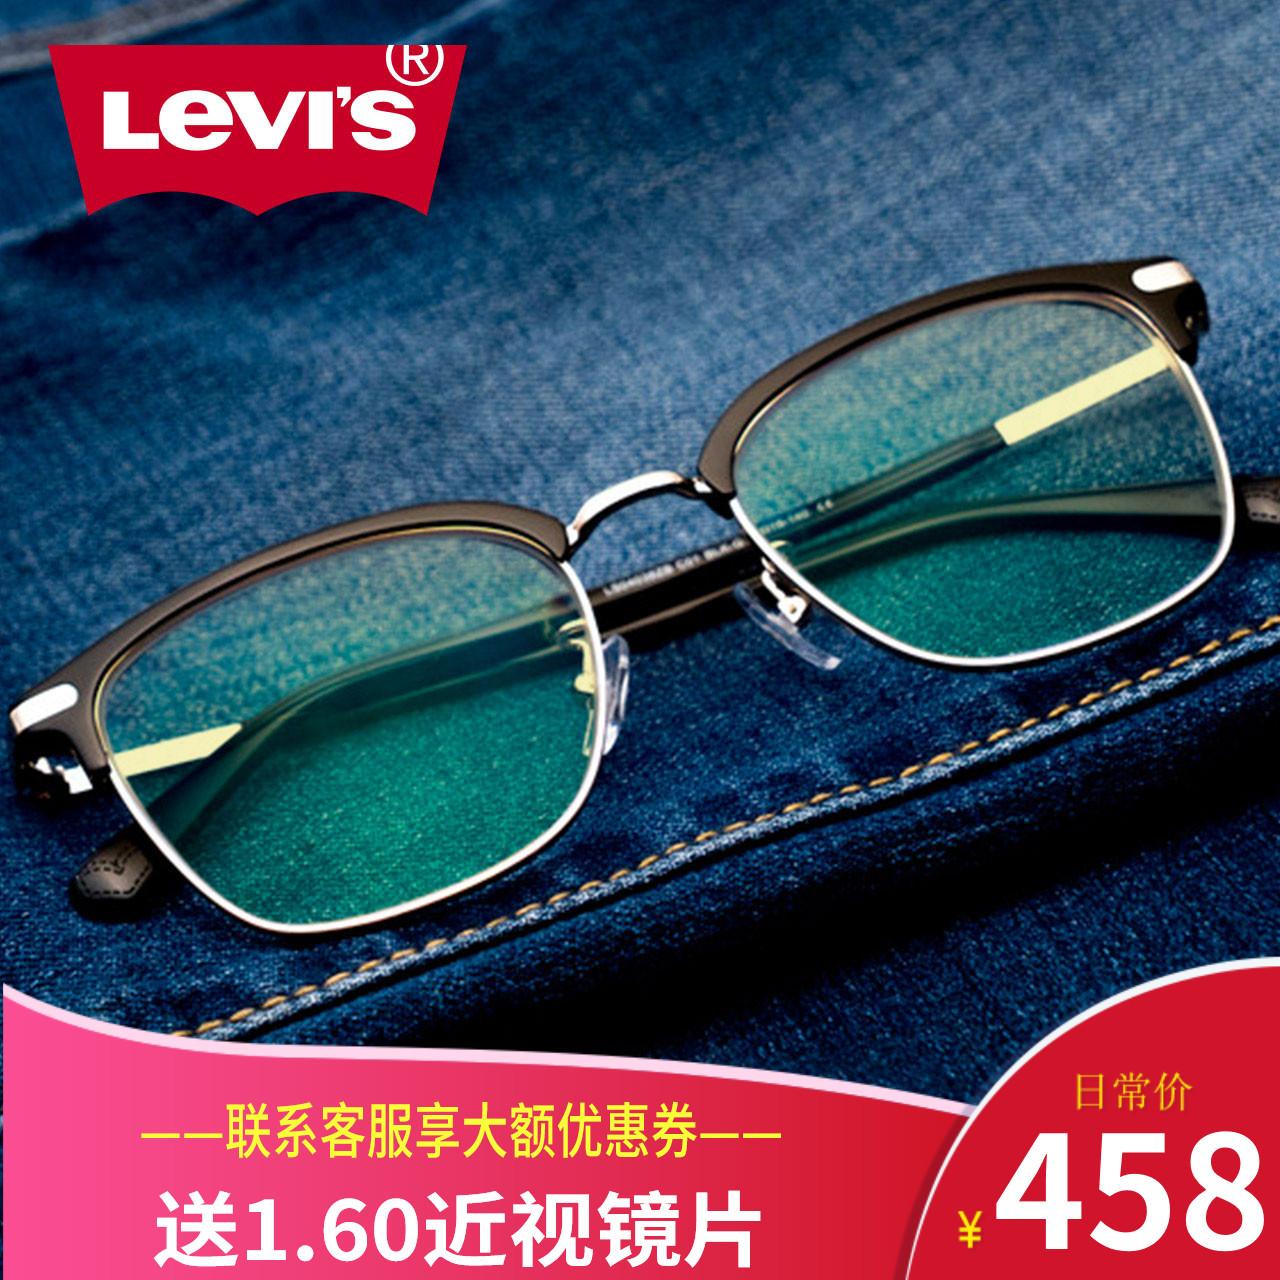 李维斯防蓝光辐射电脑眼镜近视女平光男潮黑框半框护眼眼镜框宝岛